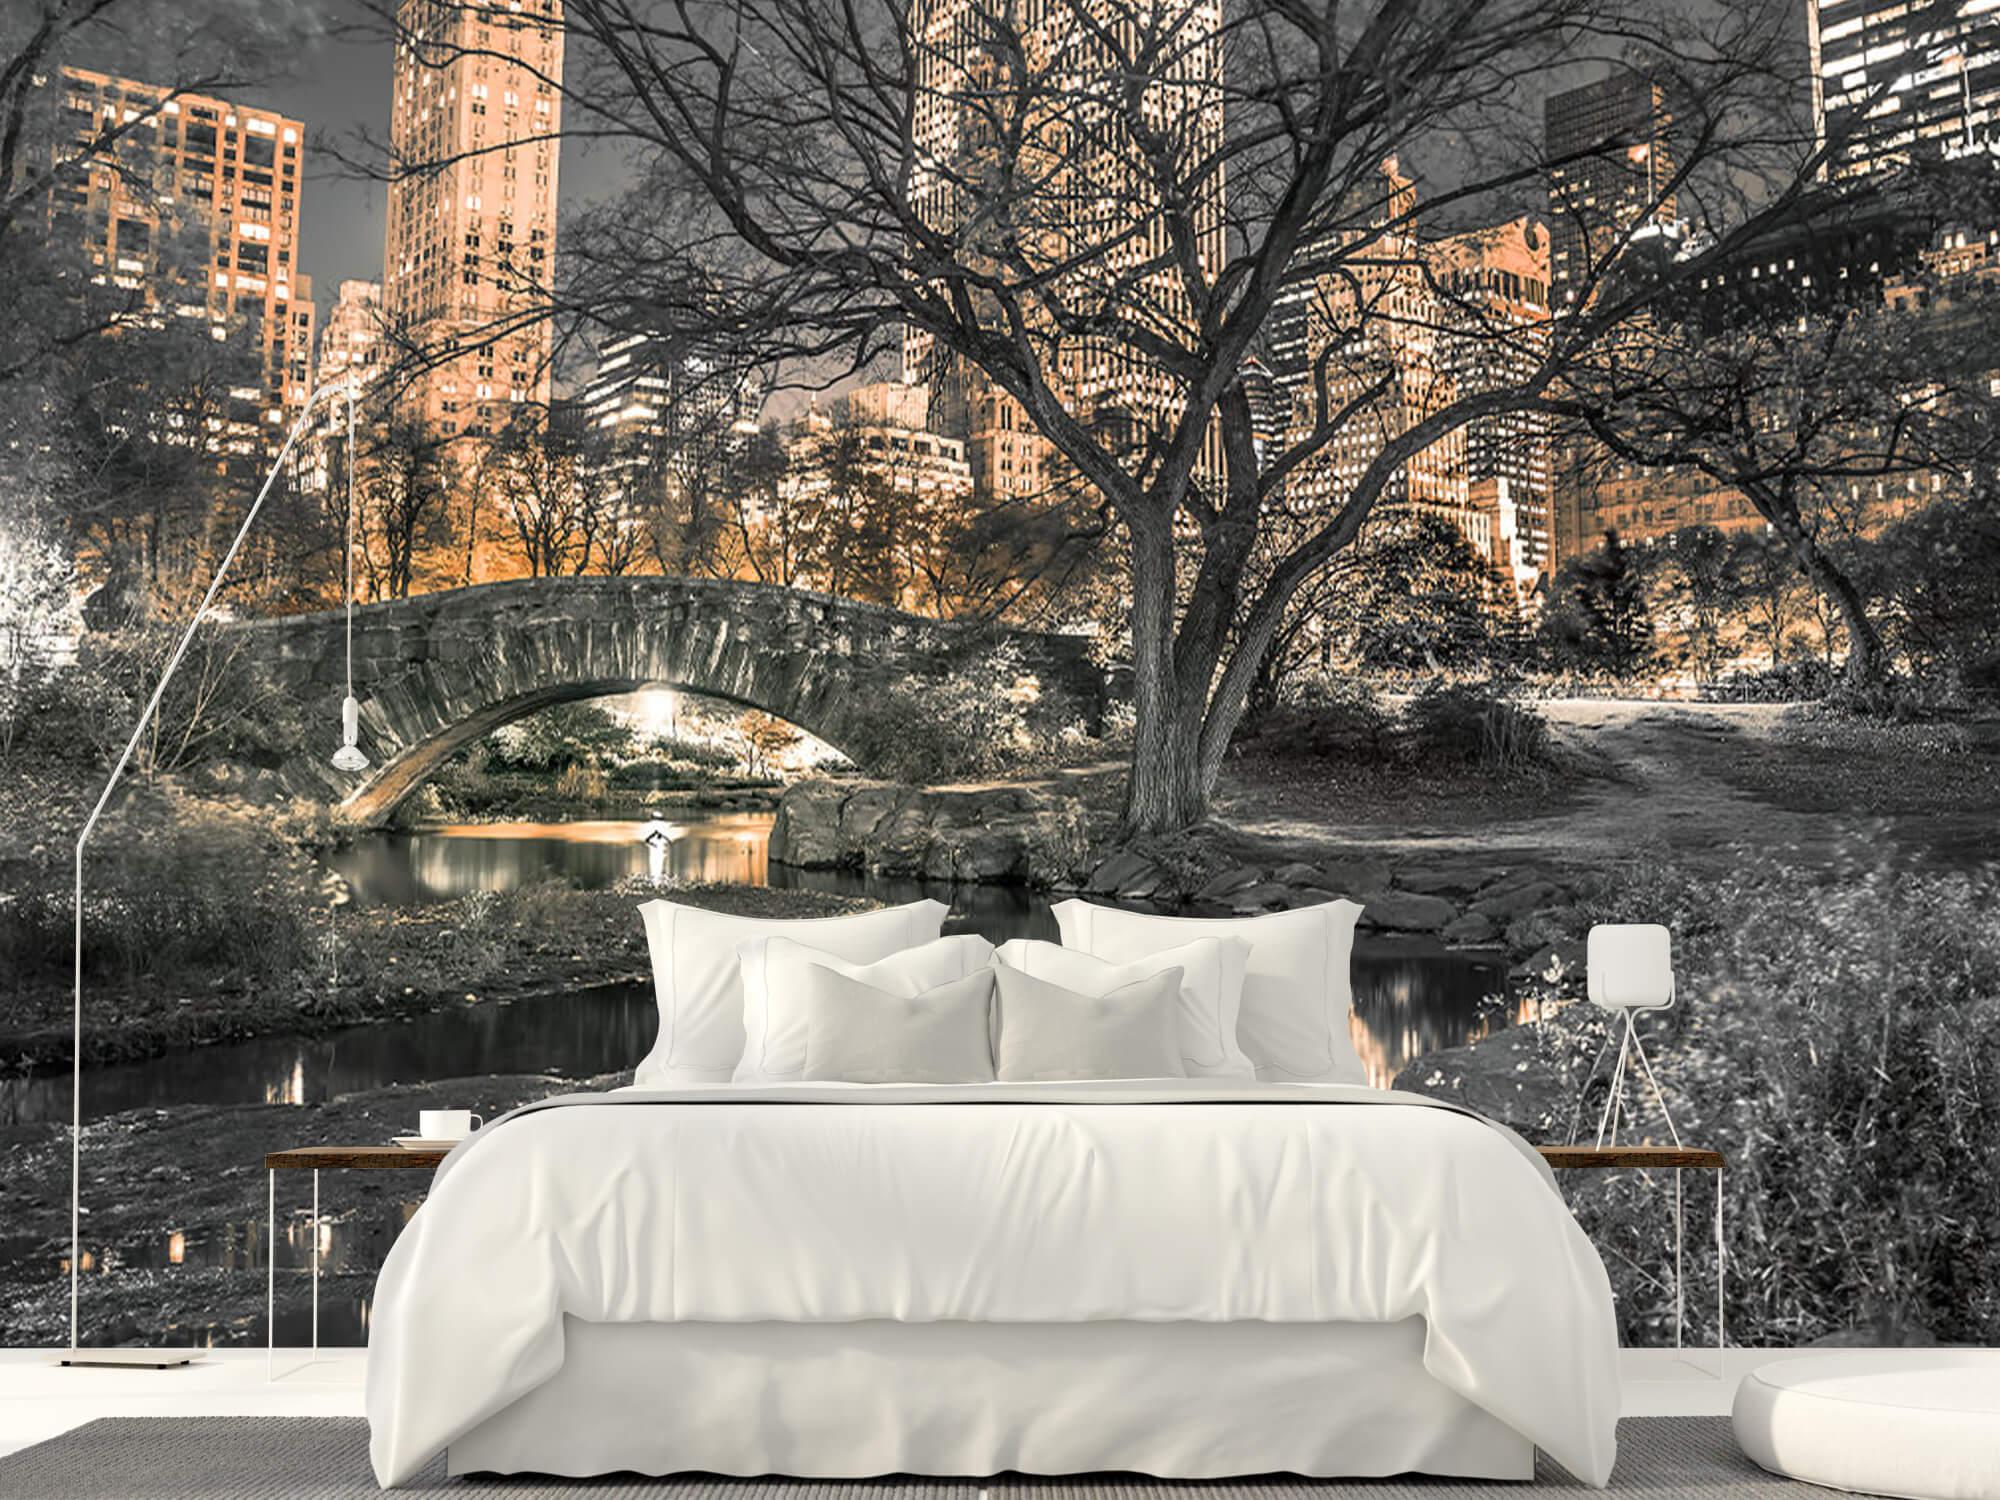 Central park le soir 15